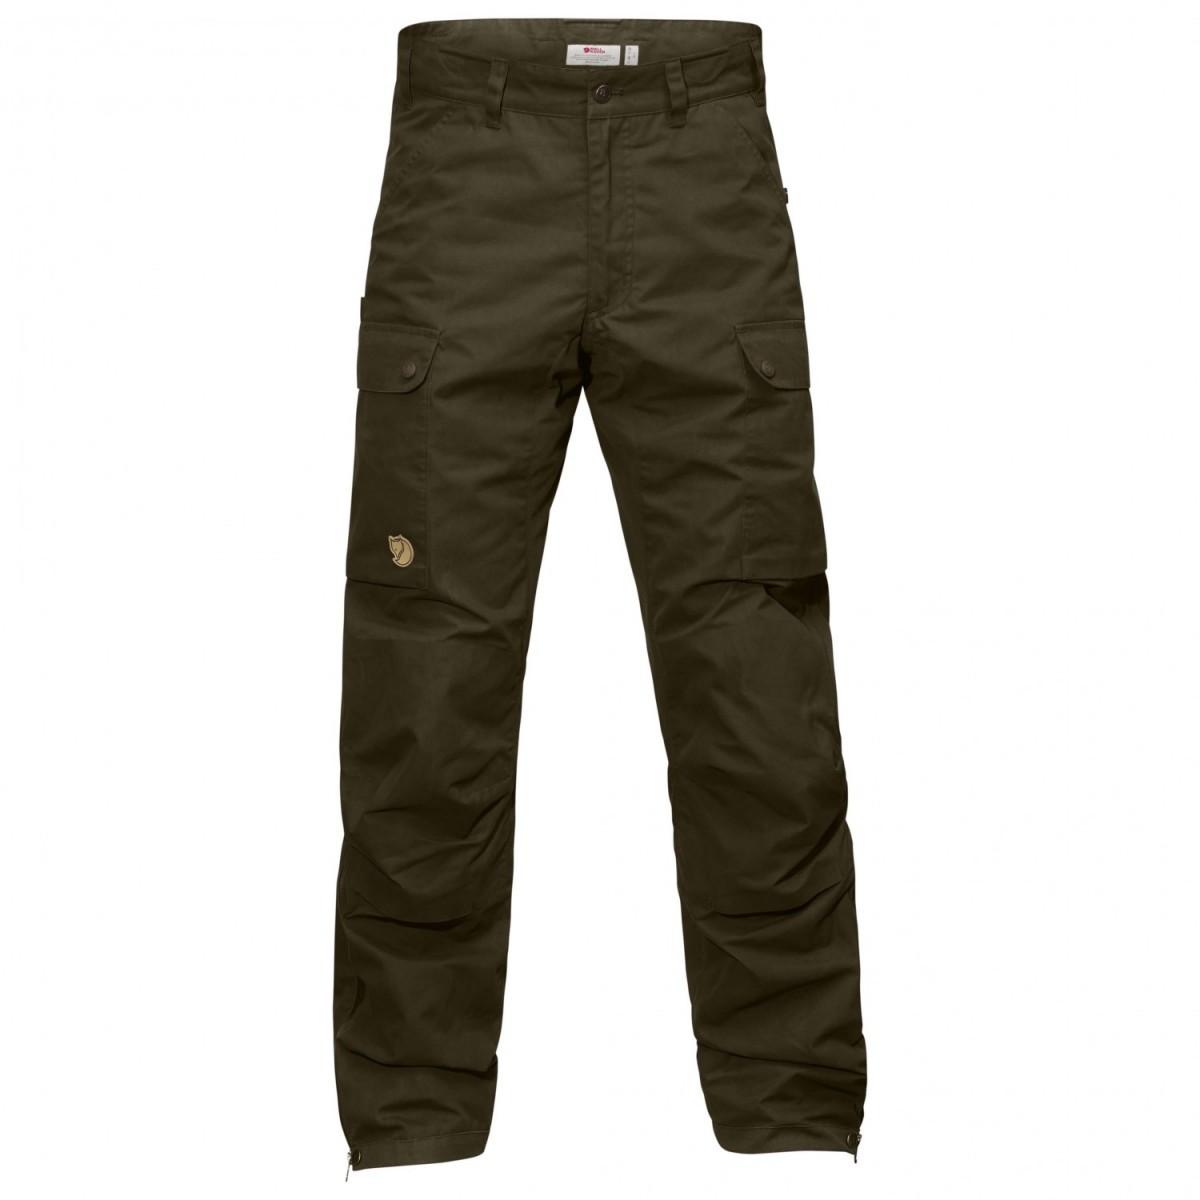 FJALLRAVEN フェールラーベン Lappland Hybrid Trousers パンツ (Dark Olive)